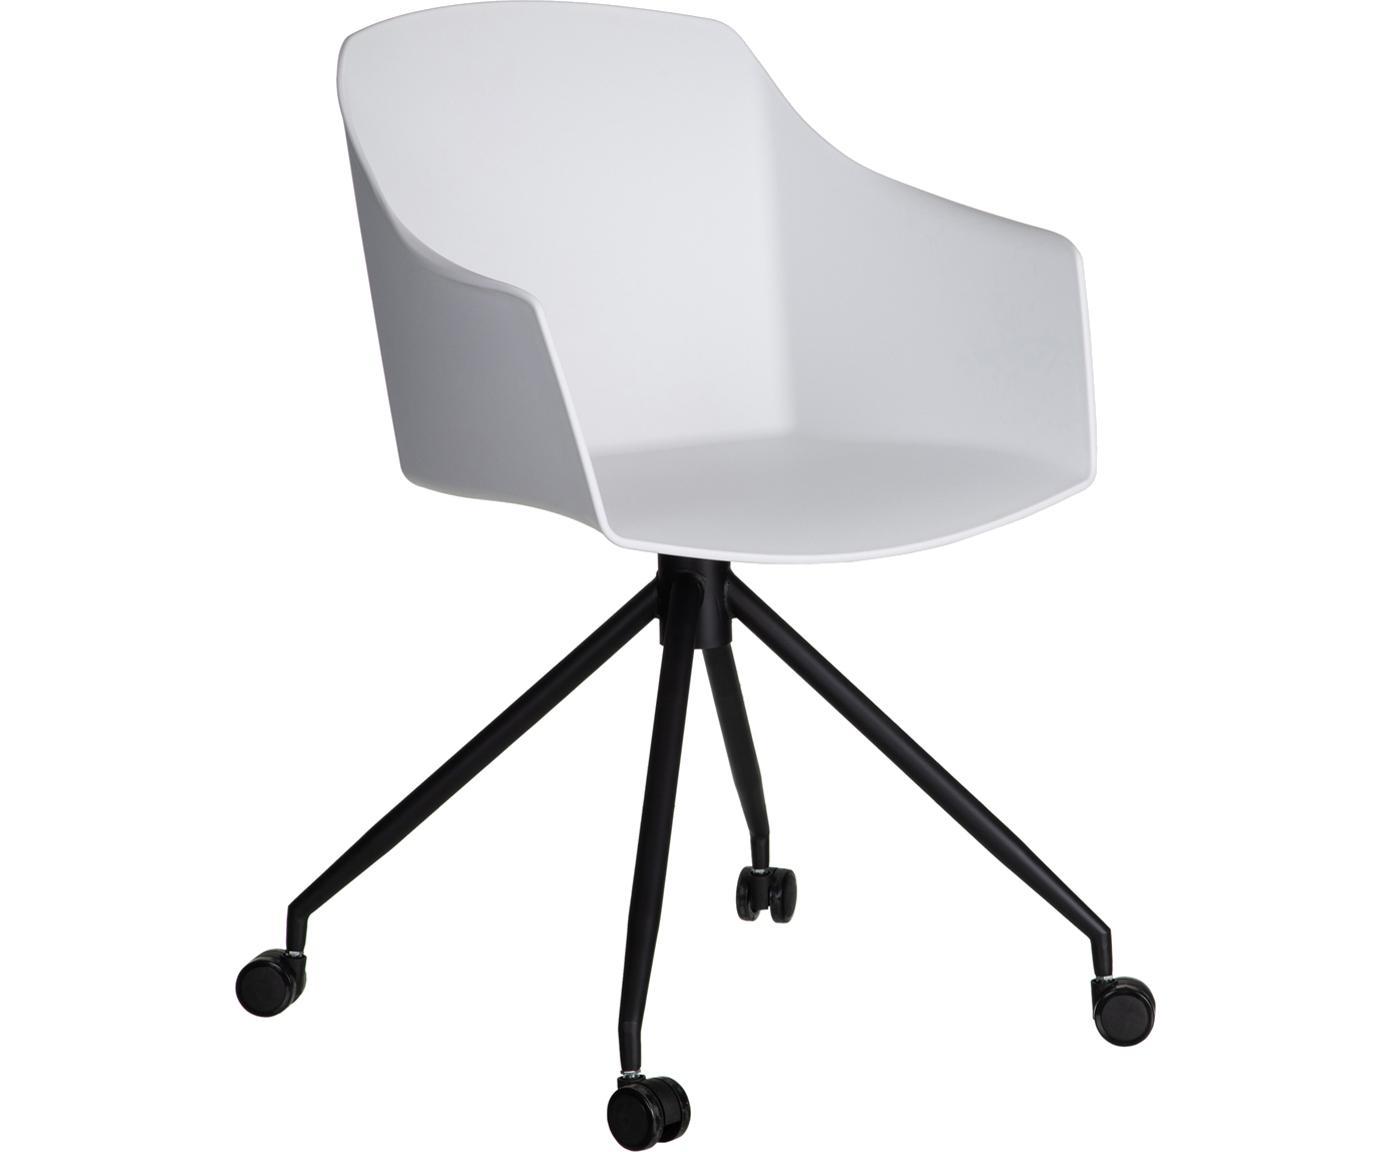 Sedia da ufficio con ruote Valencia, Poliuretano, metallo, Bianco, nero, Larg. 56 x Prof. 54 cm